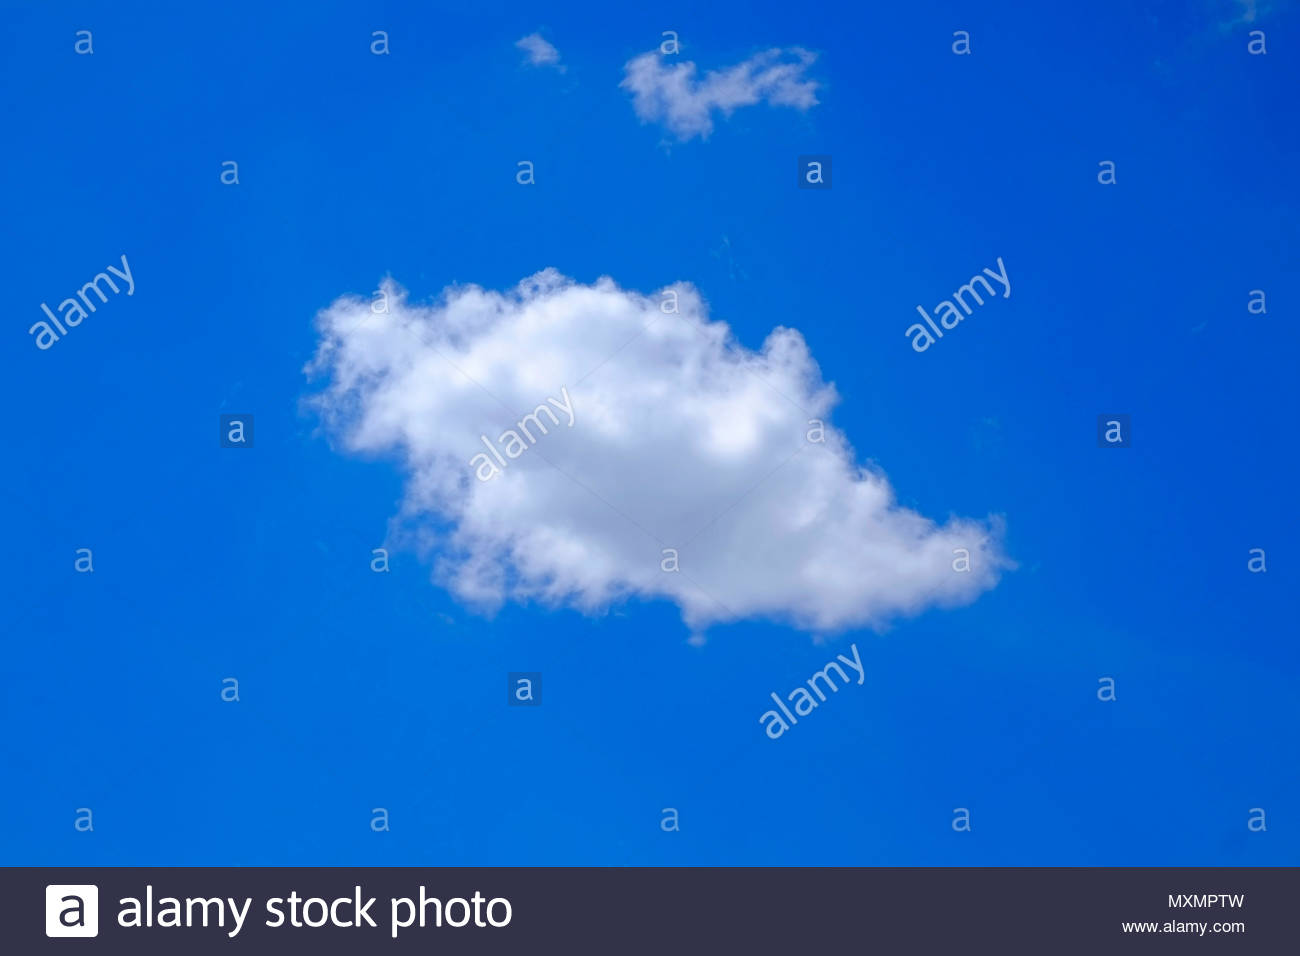 Europa, Deutschland, Bayern, München, einzelne Wolke am blauen Himmel *** Local Caption ***  only, blue, colour, form, good weather, sky, small, Centr - Stock Image